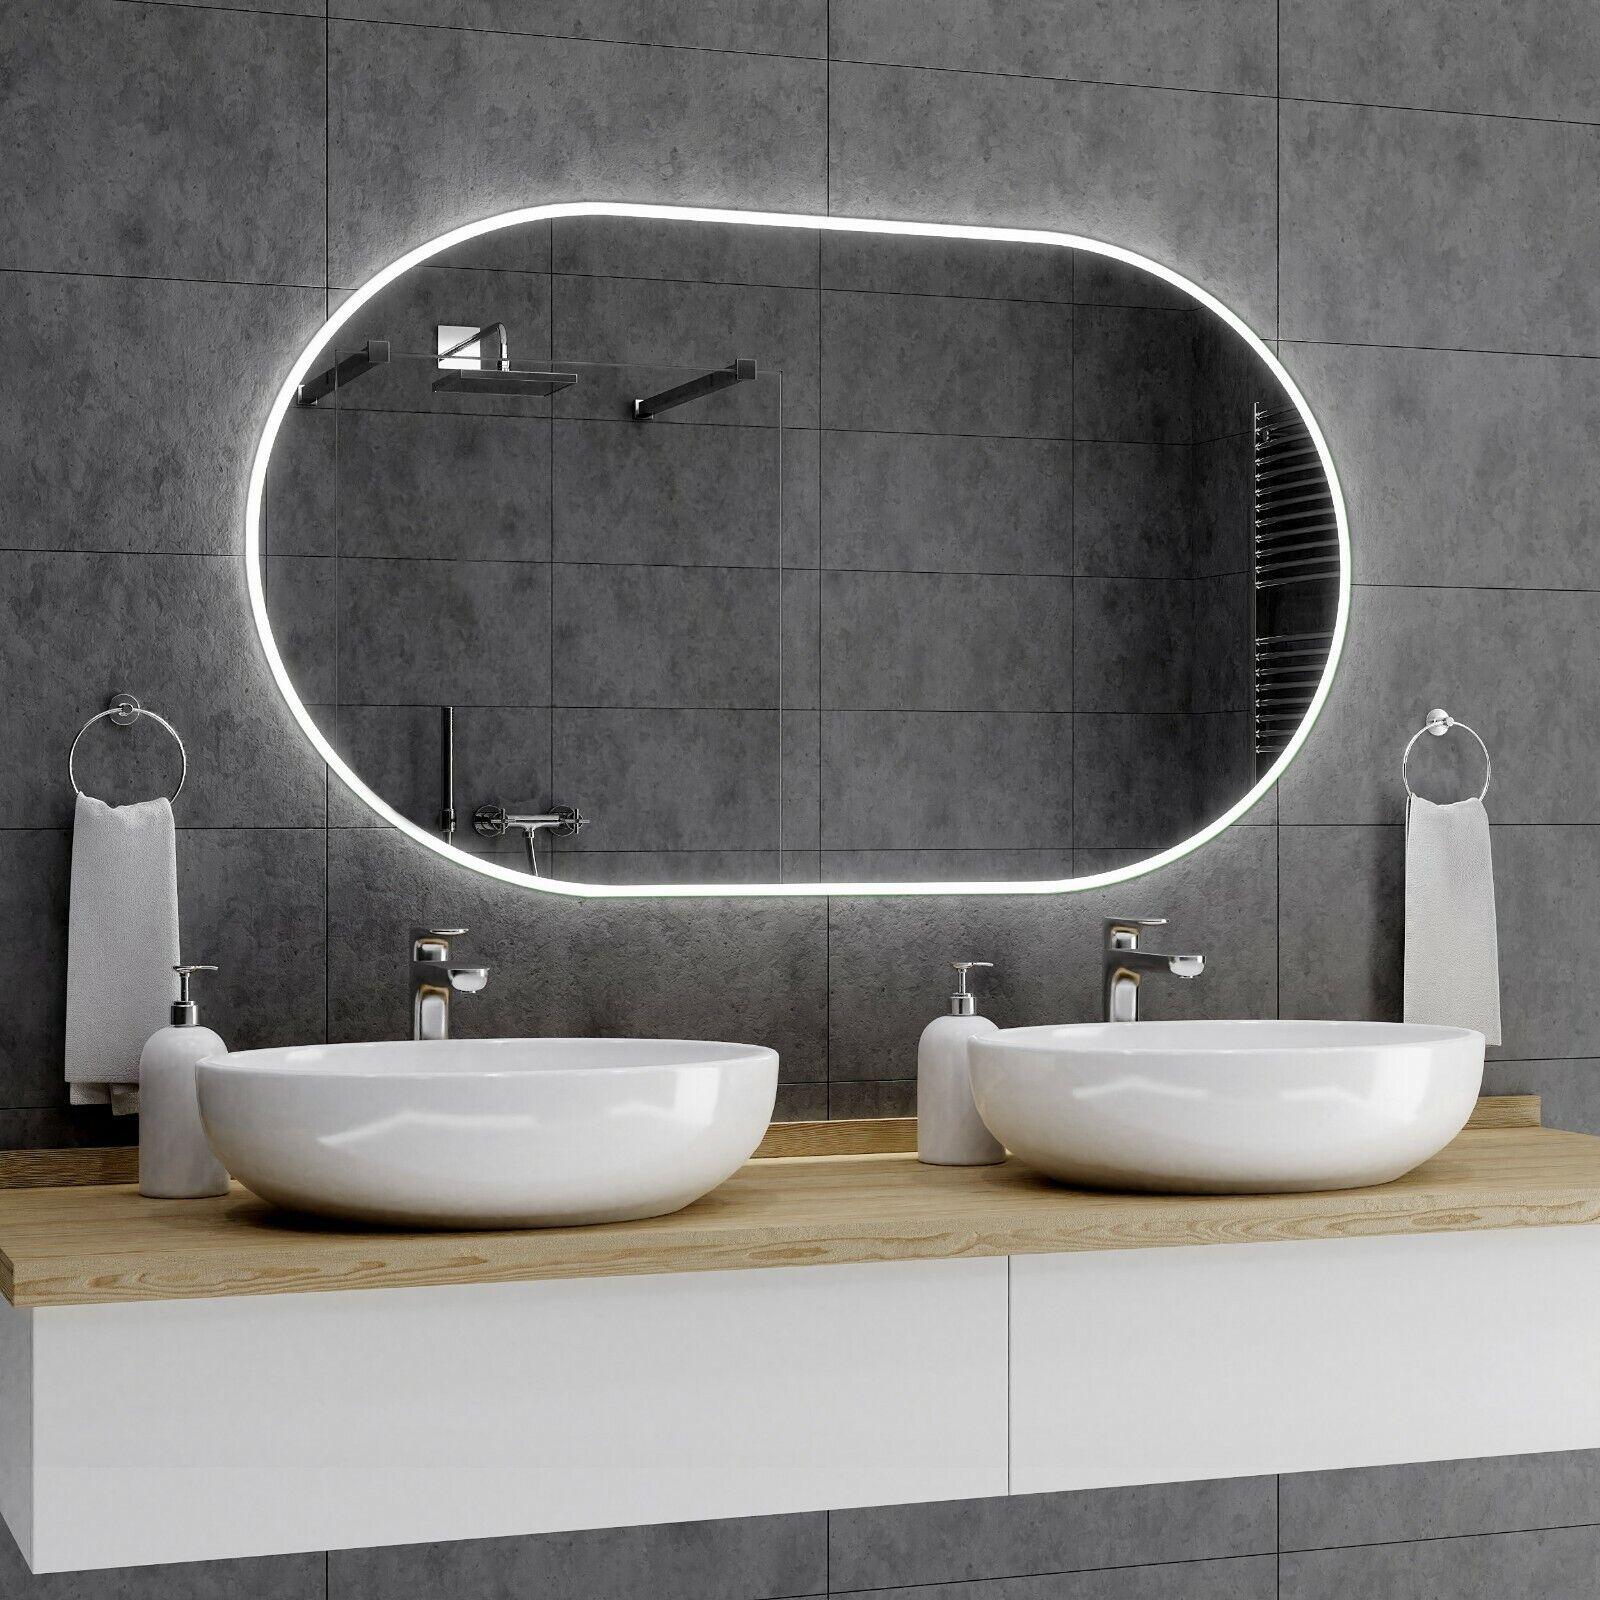 HAMBURG Badspiegel mit LED Beleuchtung Wandspiegel Badezimmerspiegel Maß A01